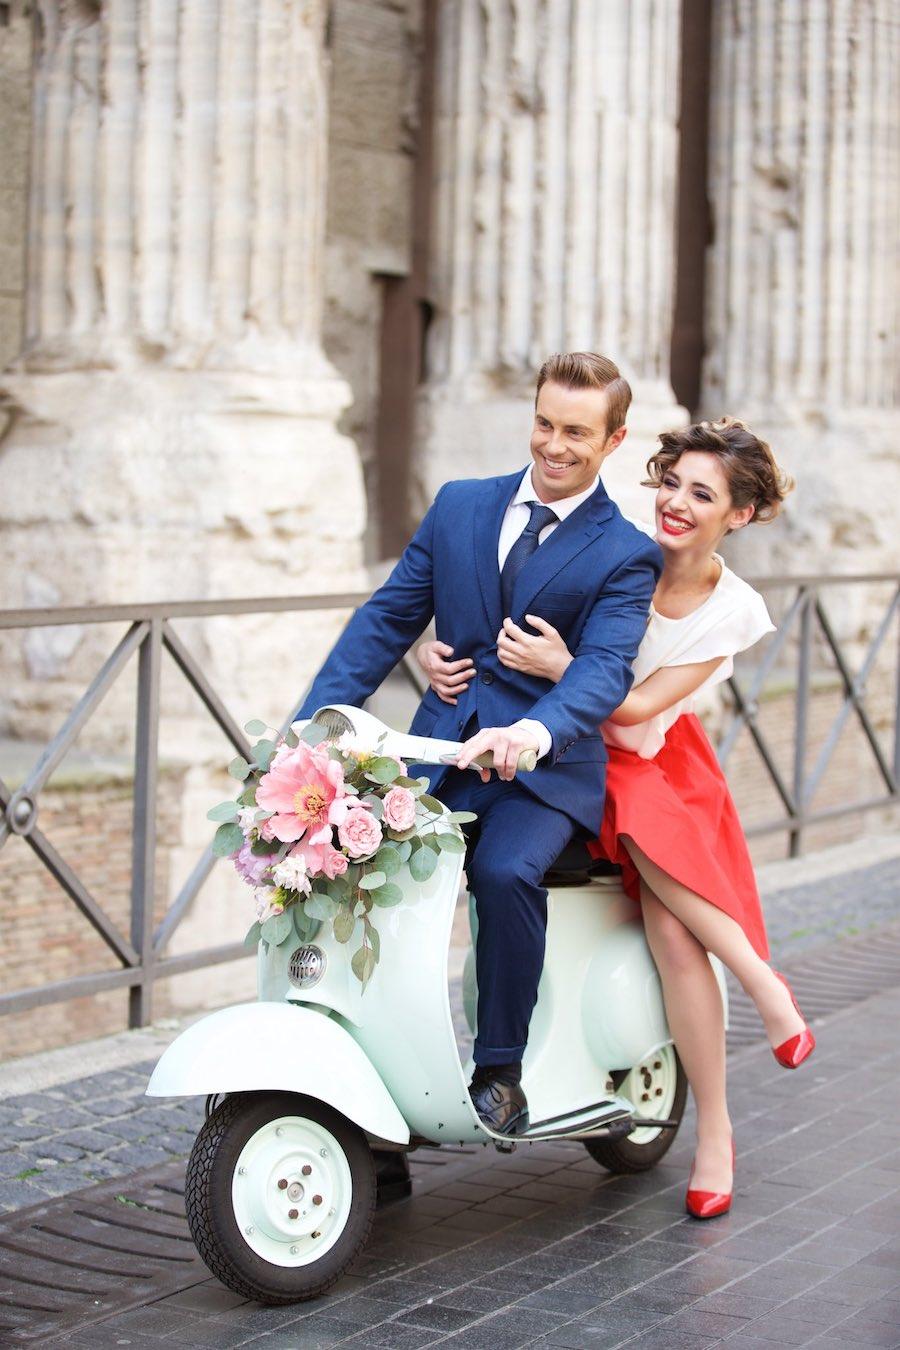 Matrimonio In Vespa : Un engagement session ispirata a vacanze romane wedding